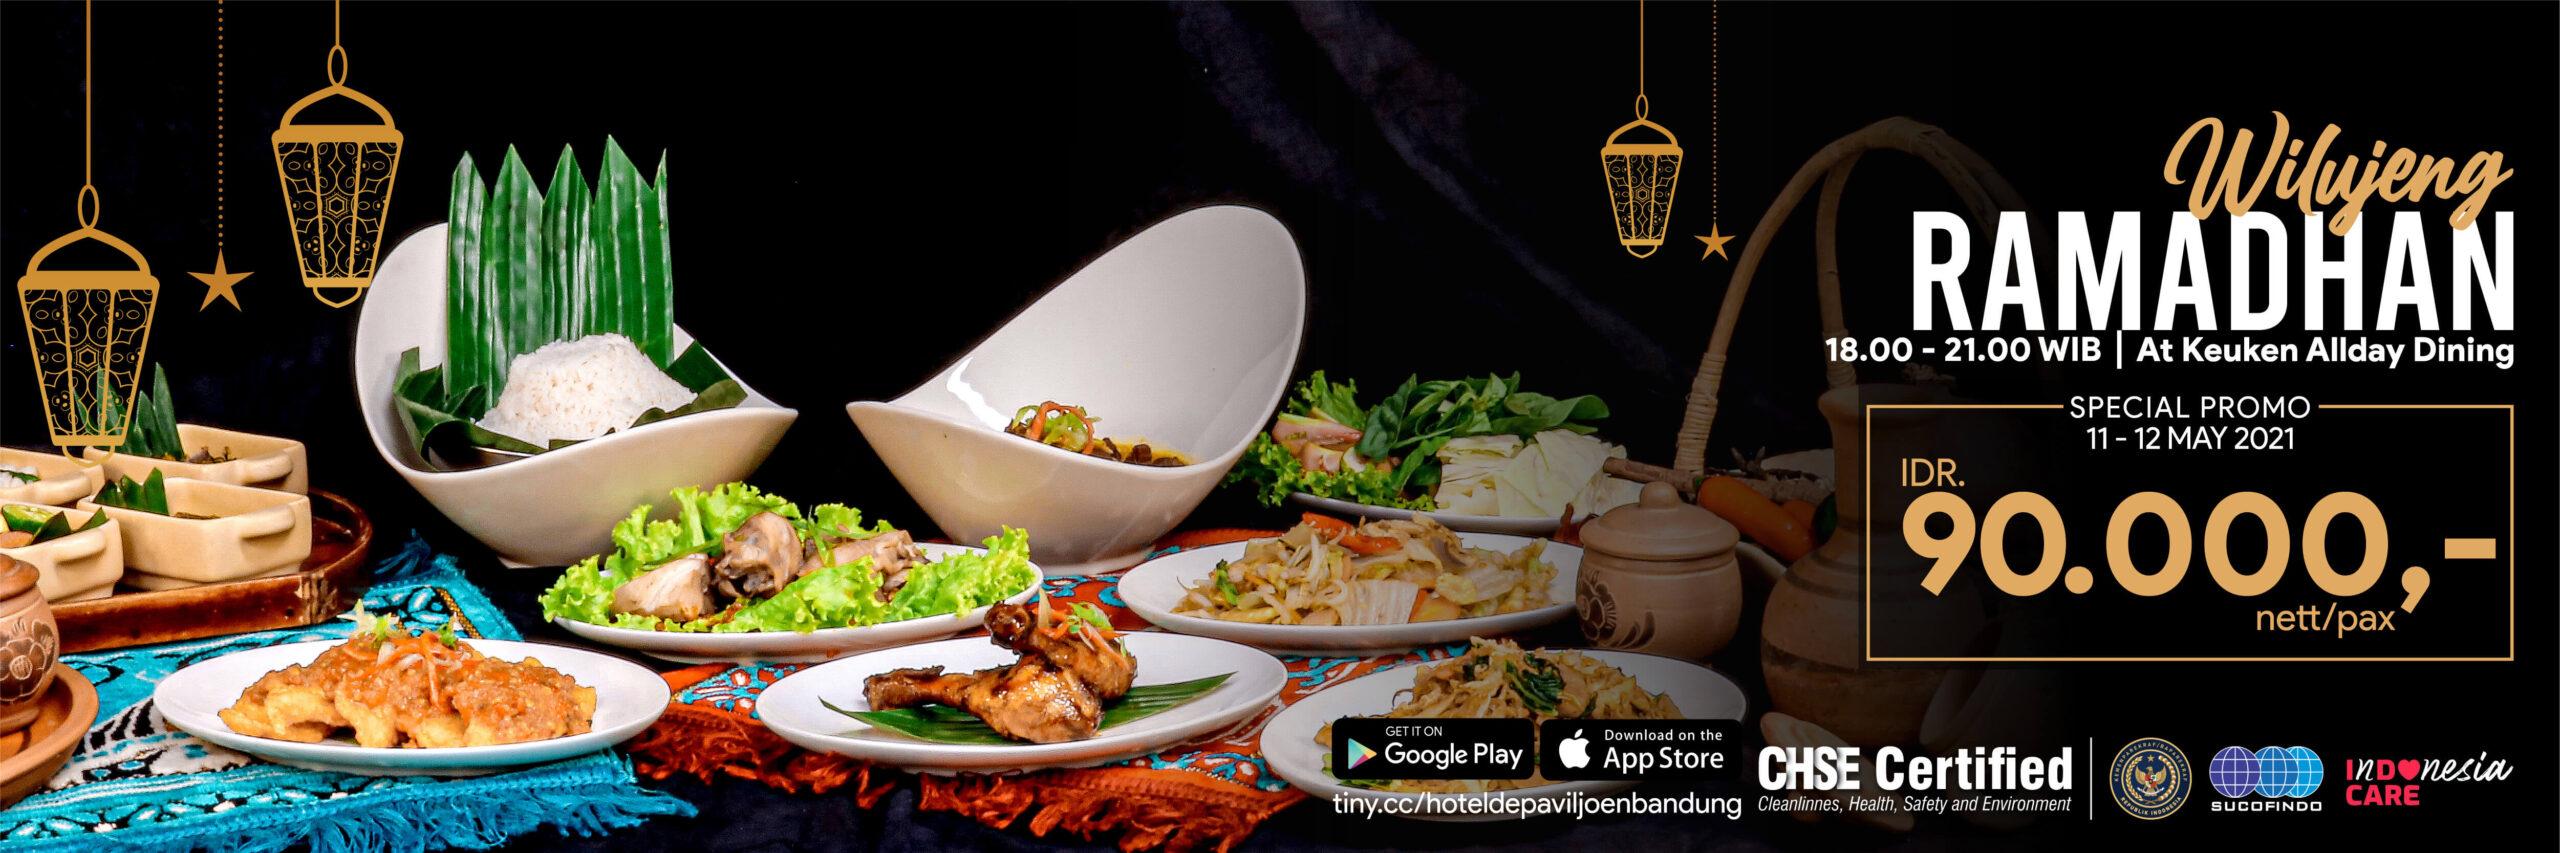 Iftar discount 40%, Ifatr 2021 De Paviljoen Bandung